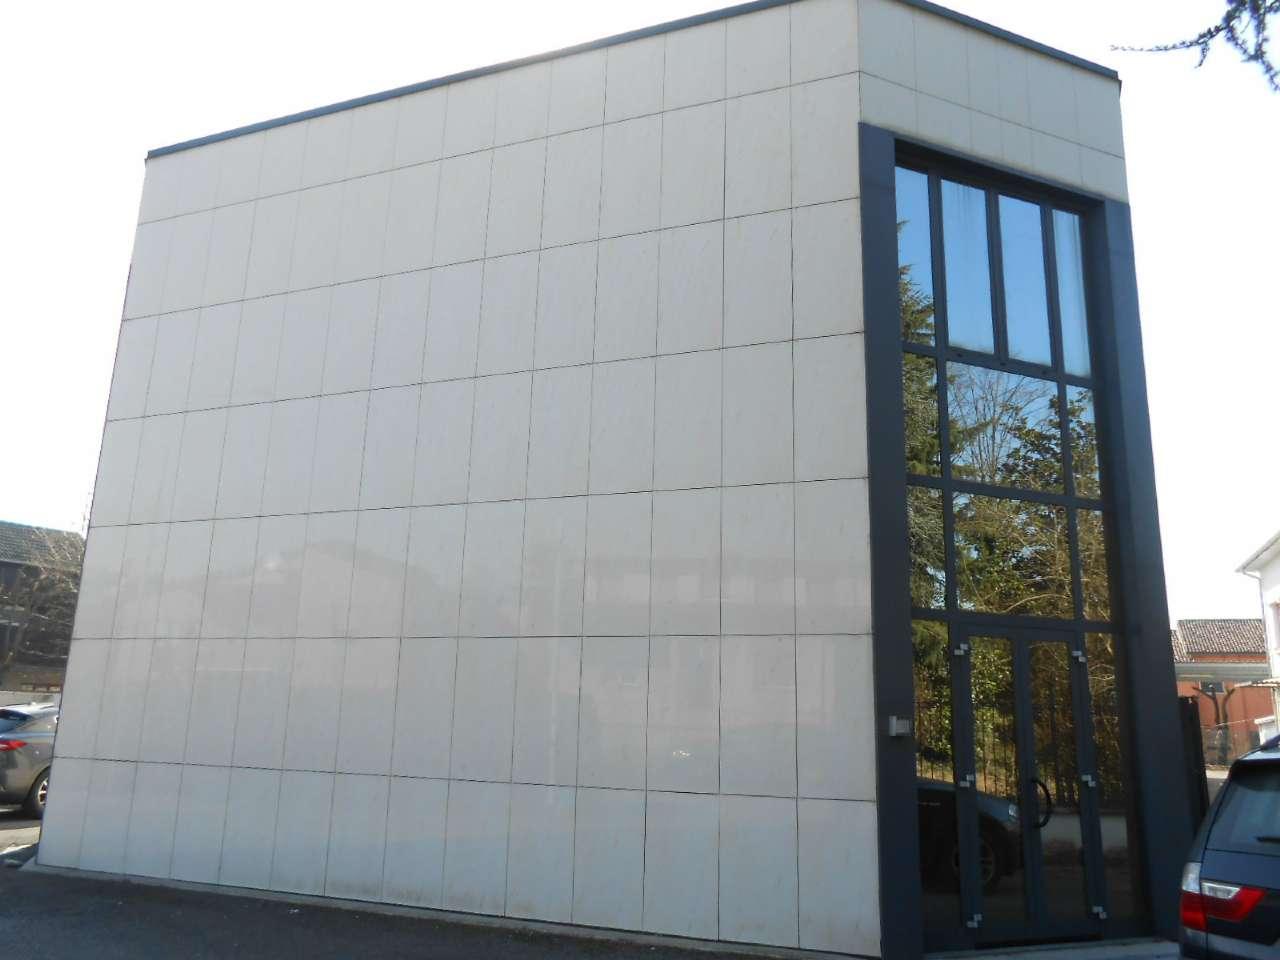 Ufficio / Studio in vendita a Madignano, 2 locali, prezzo € 200.000   PortaleAgenzieImmobiliari.it